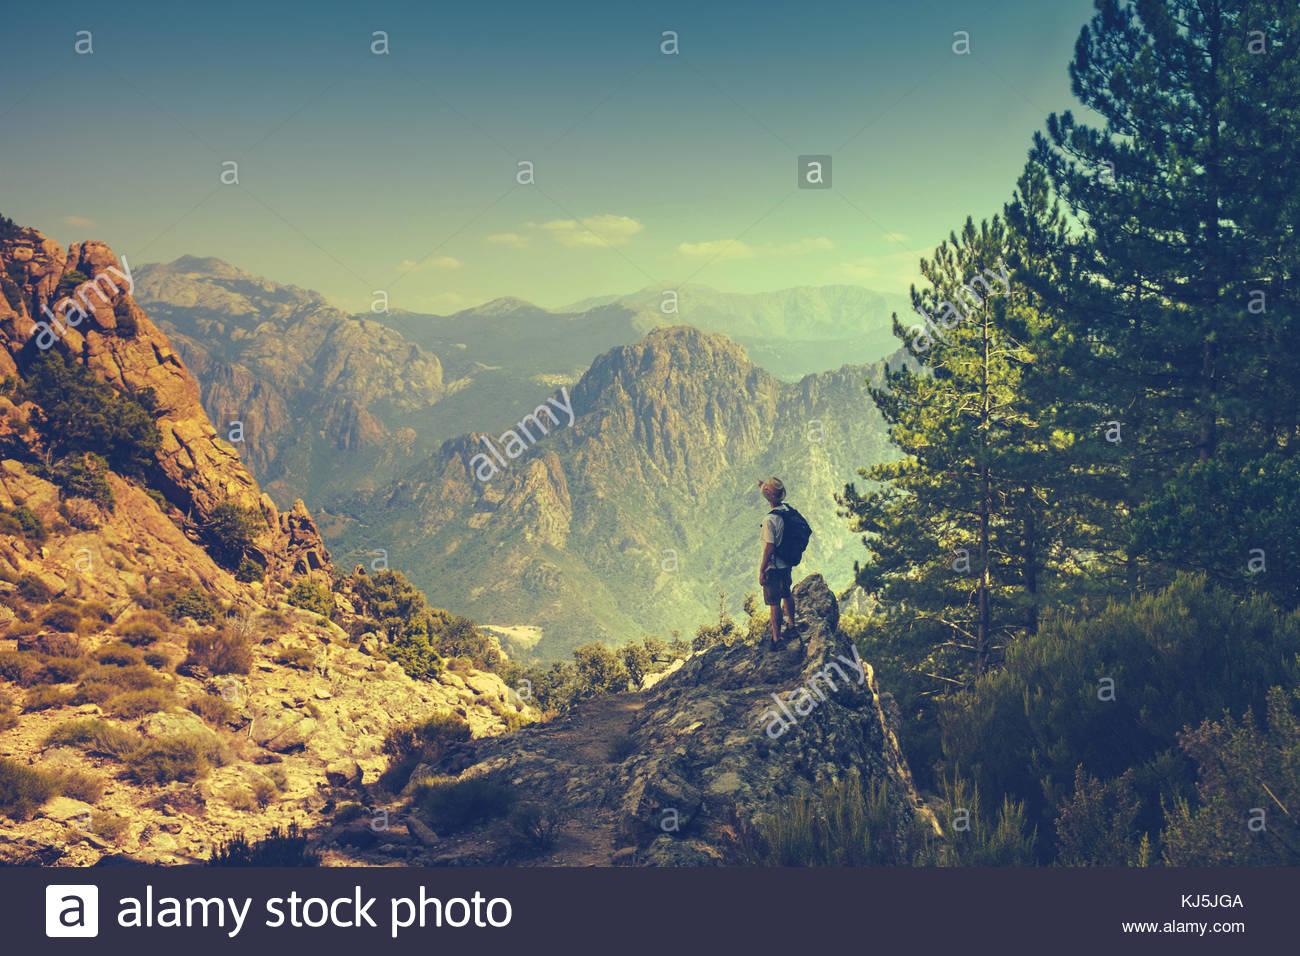 Hombre senderismo en las montañas Imagen De Stock